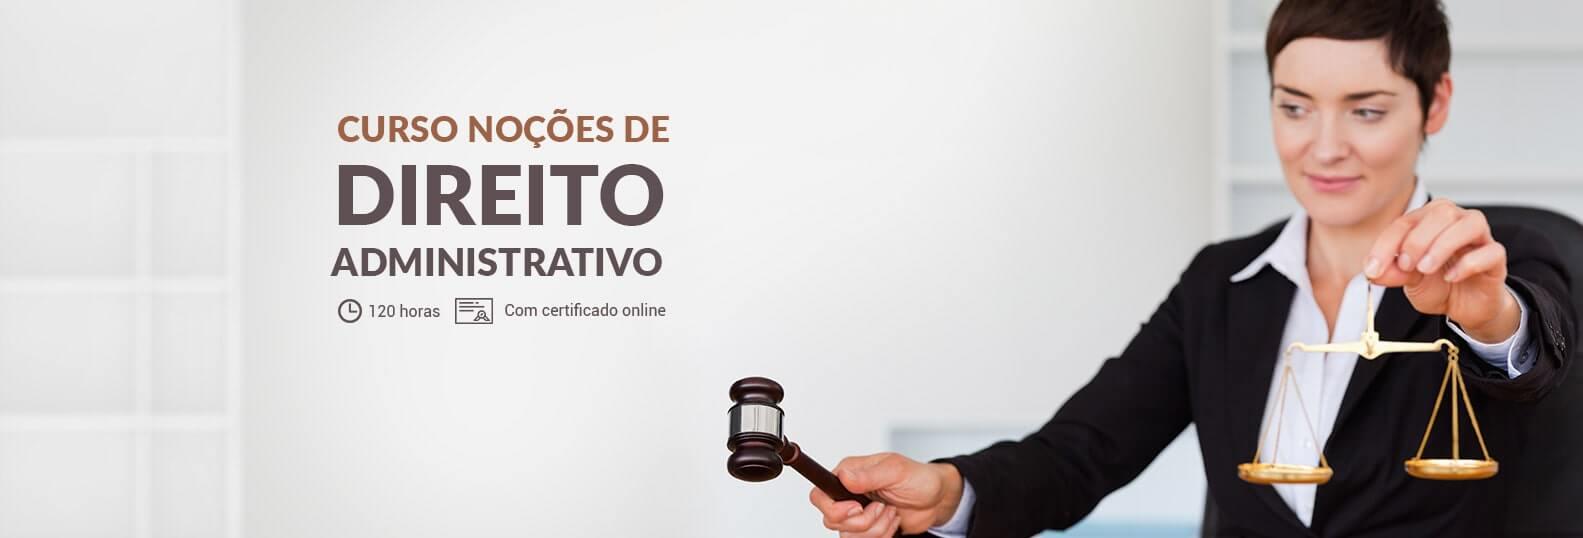 Curso Noções de Direito Administrativo